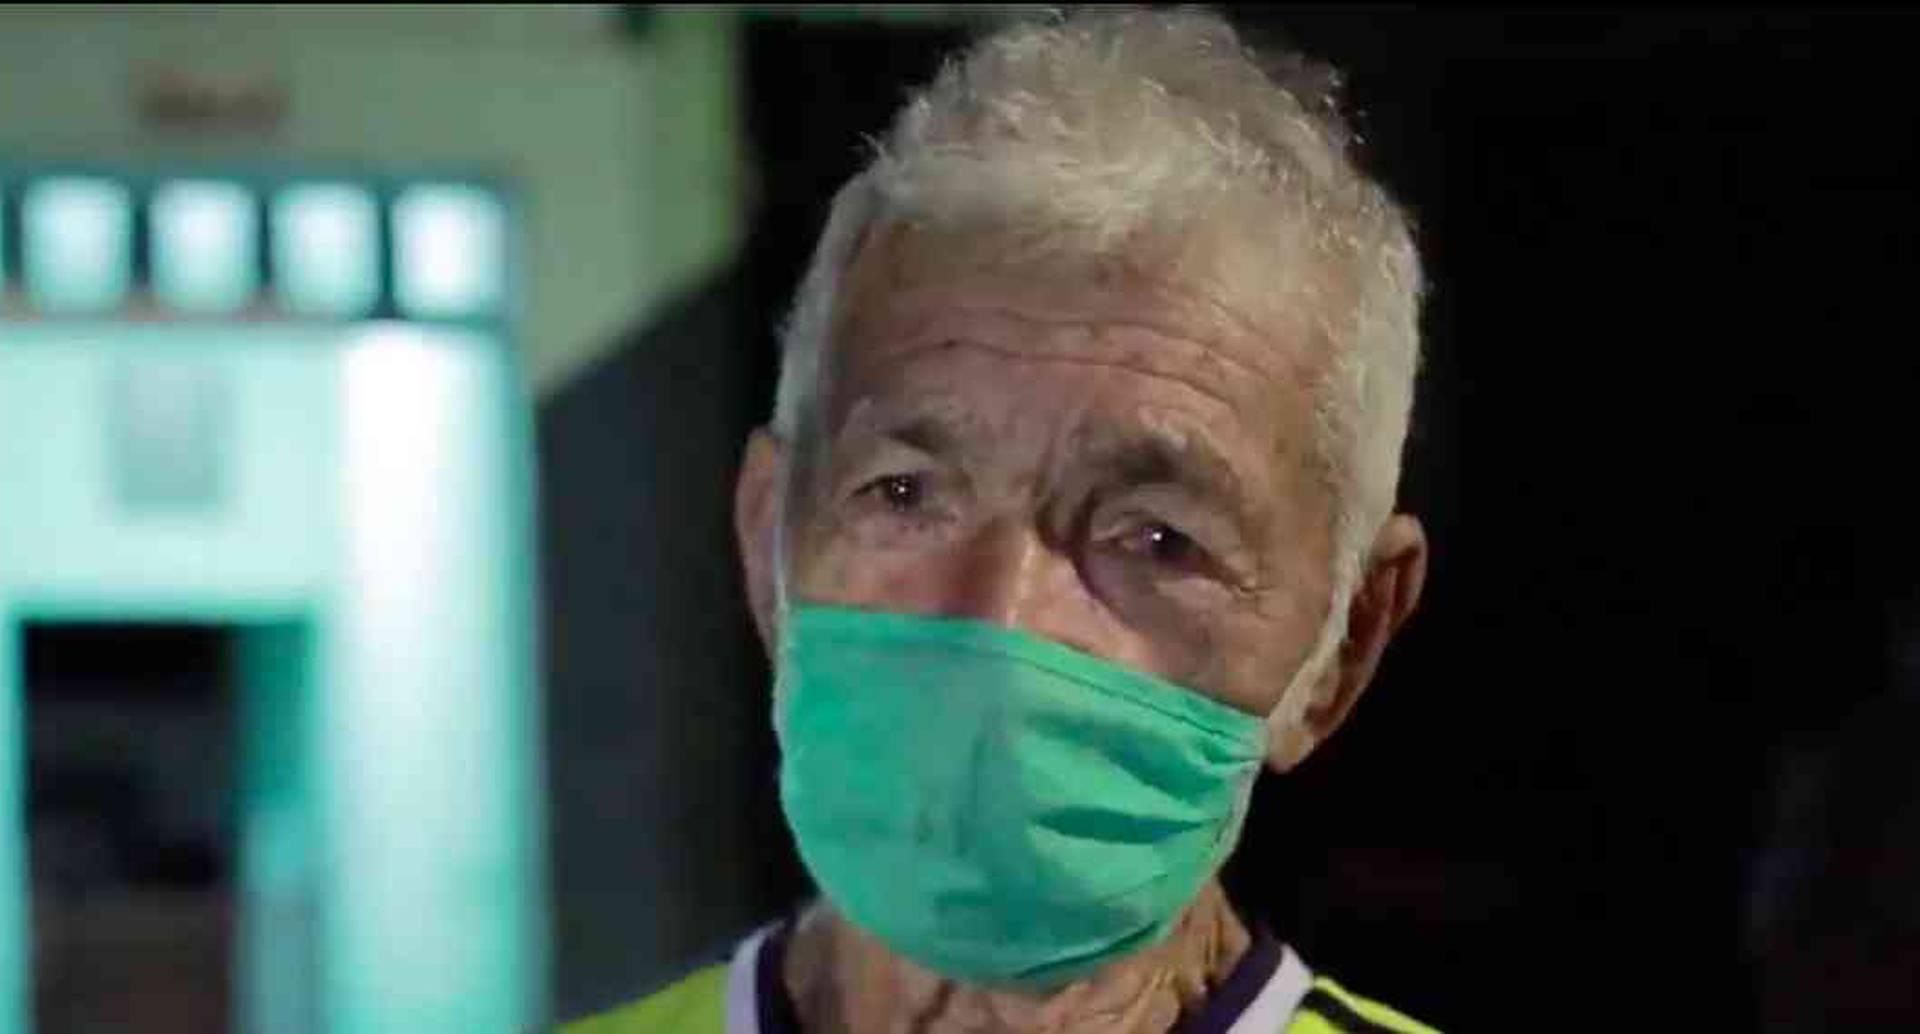 Estafan a hombre de 70 años pagándole un trabajo con moneda extranjera/Pantallazo de video